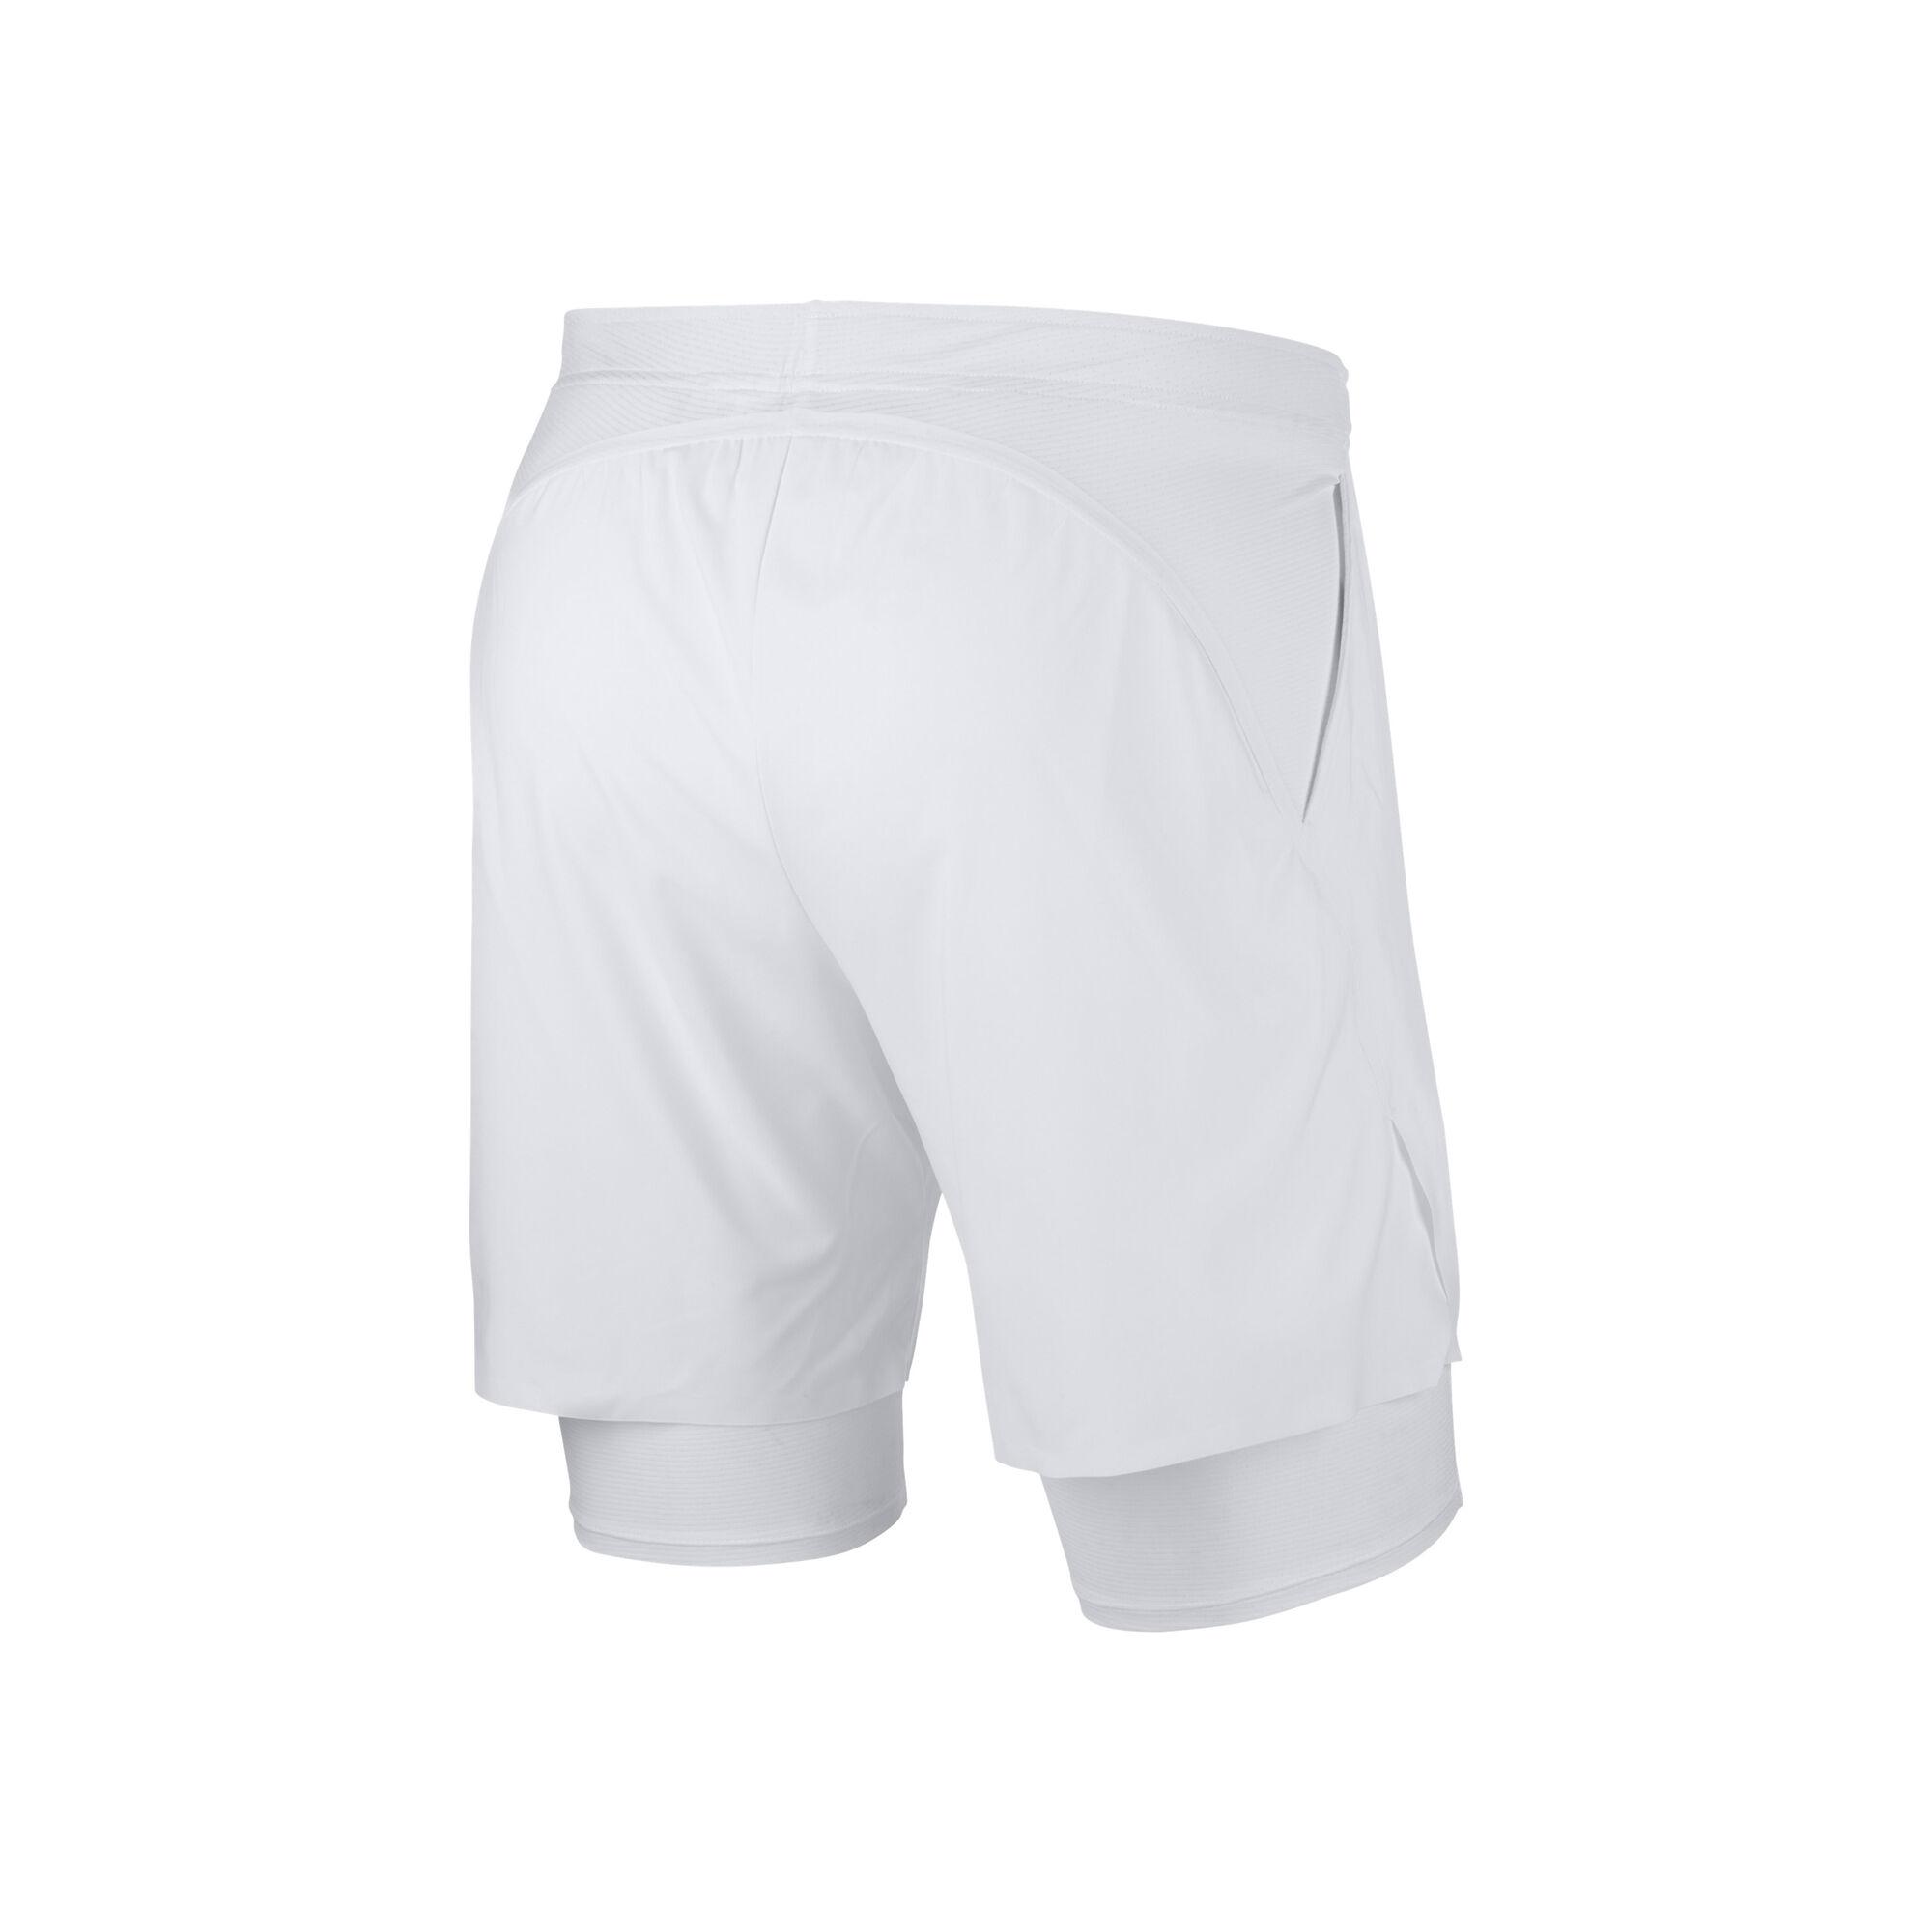 50% off coupon codes order Nike Court Flex Shorts Herren - Weiß, Schwarz online kaufen ...